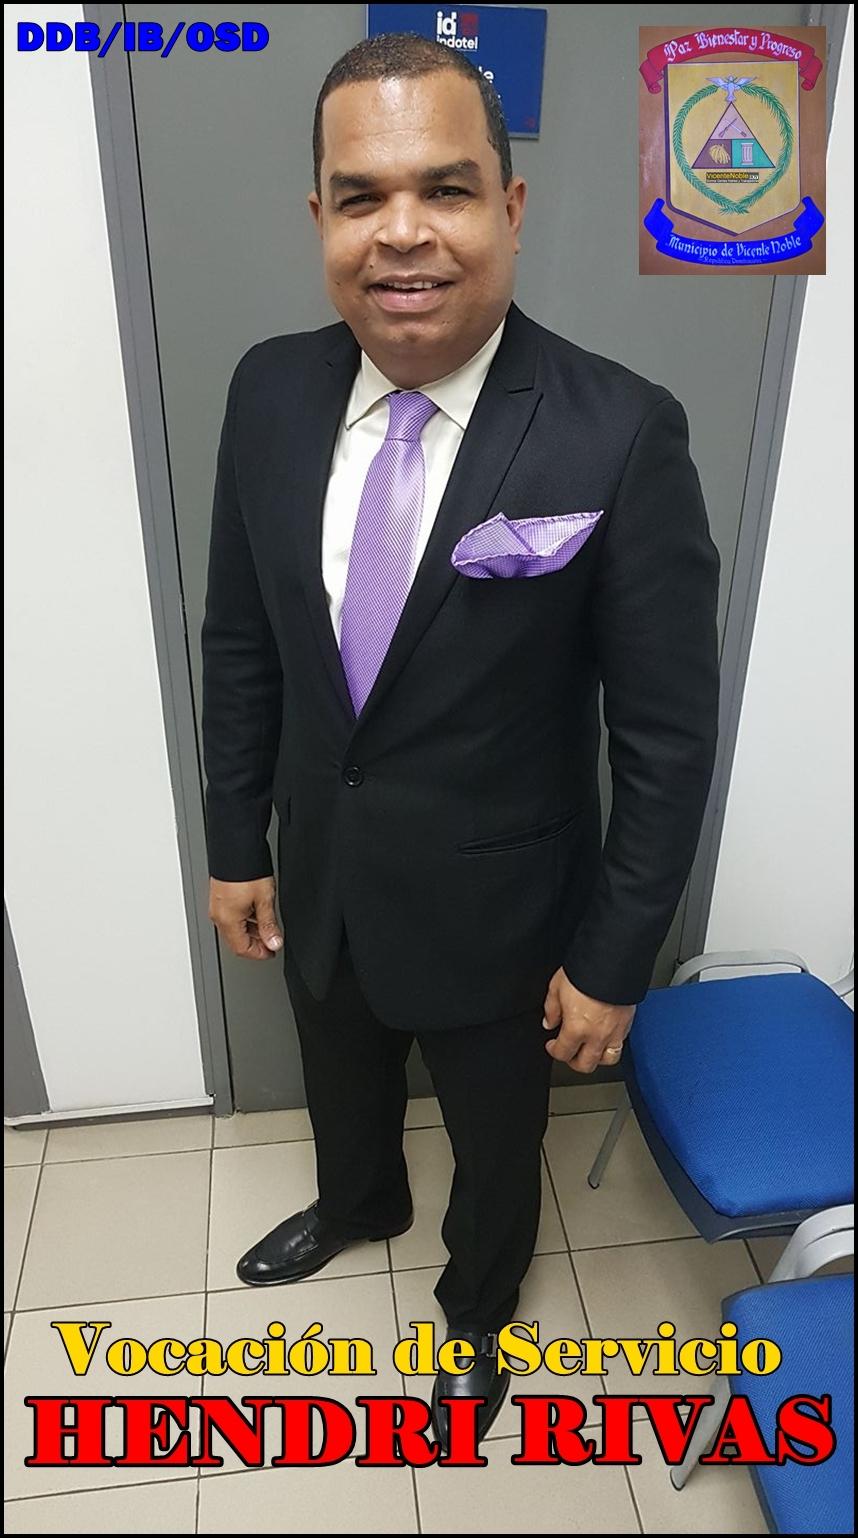 HENDRI RIVAS, DIRIGENTE DE VICENTE NOBLE CON ALTA VOCACION DE SERVICIO